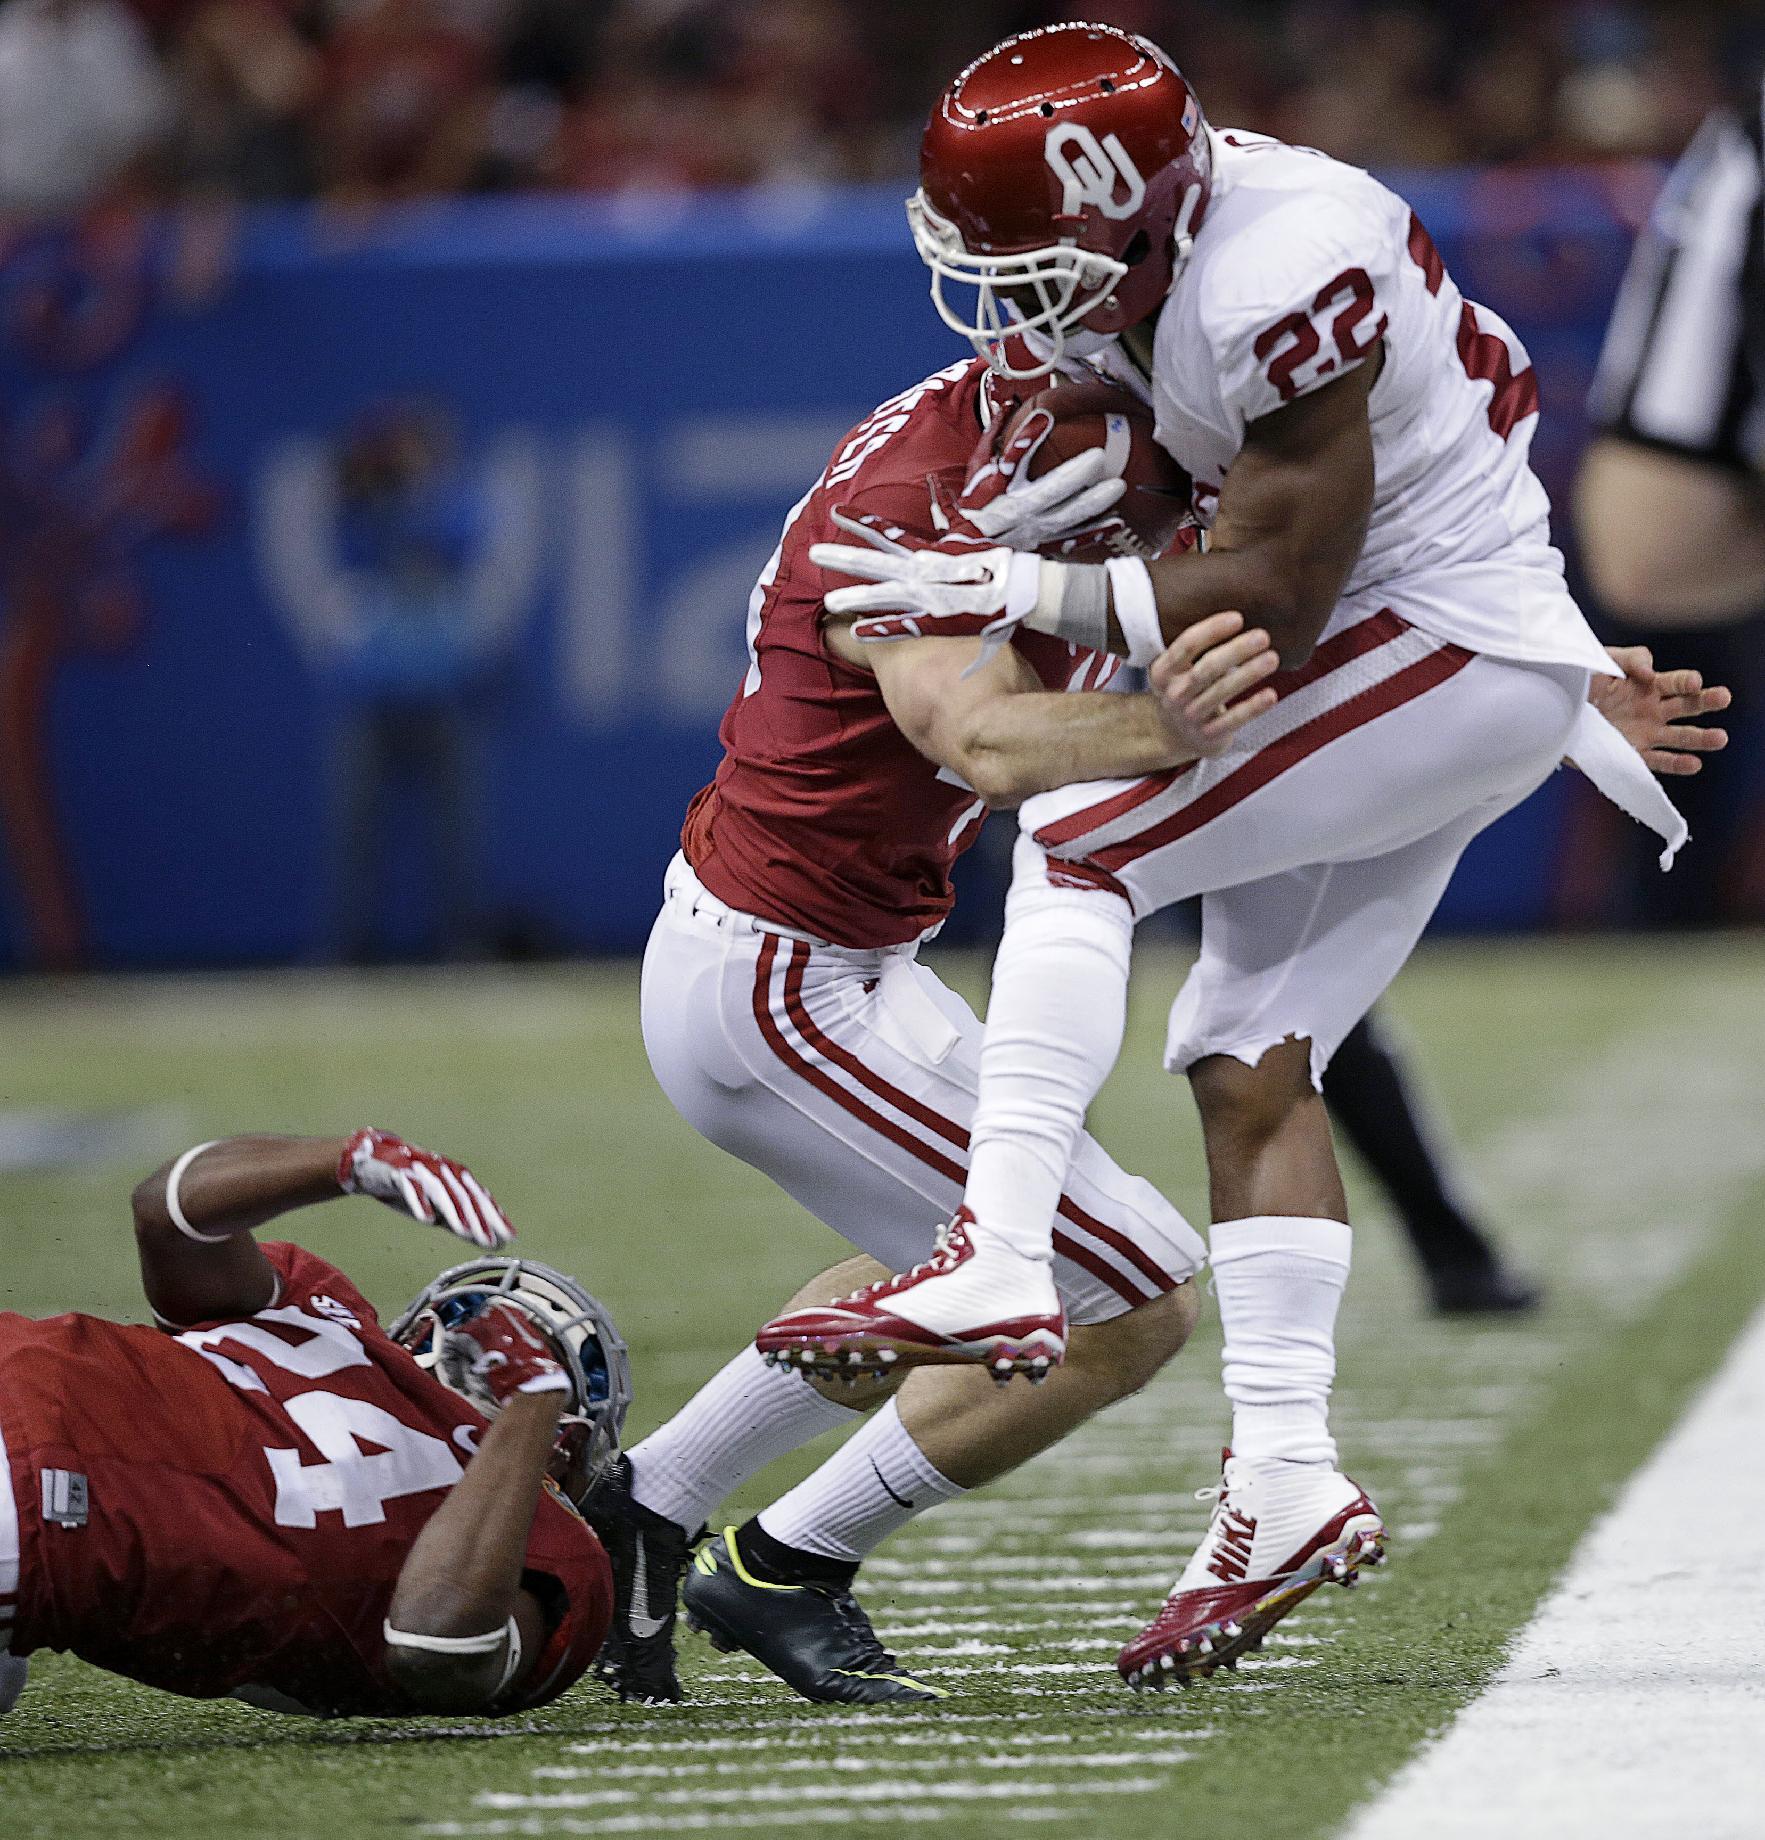 Oklahoma beats Alabama 45-31 in Sugar Bowl